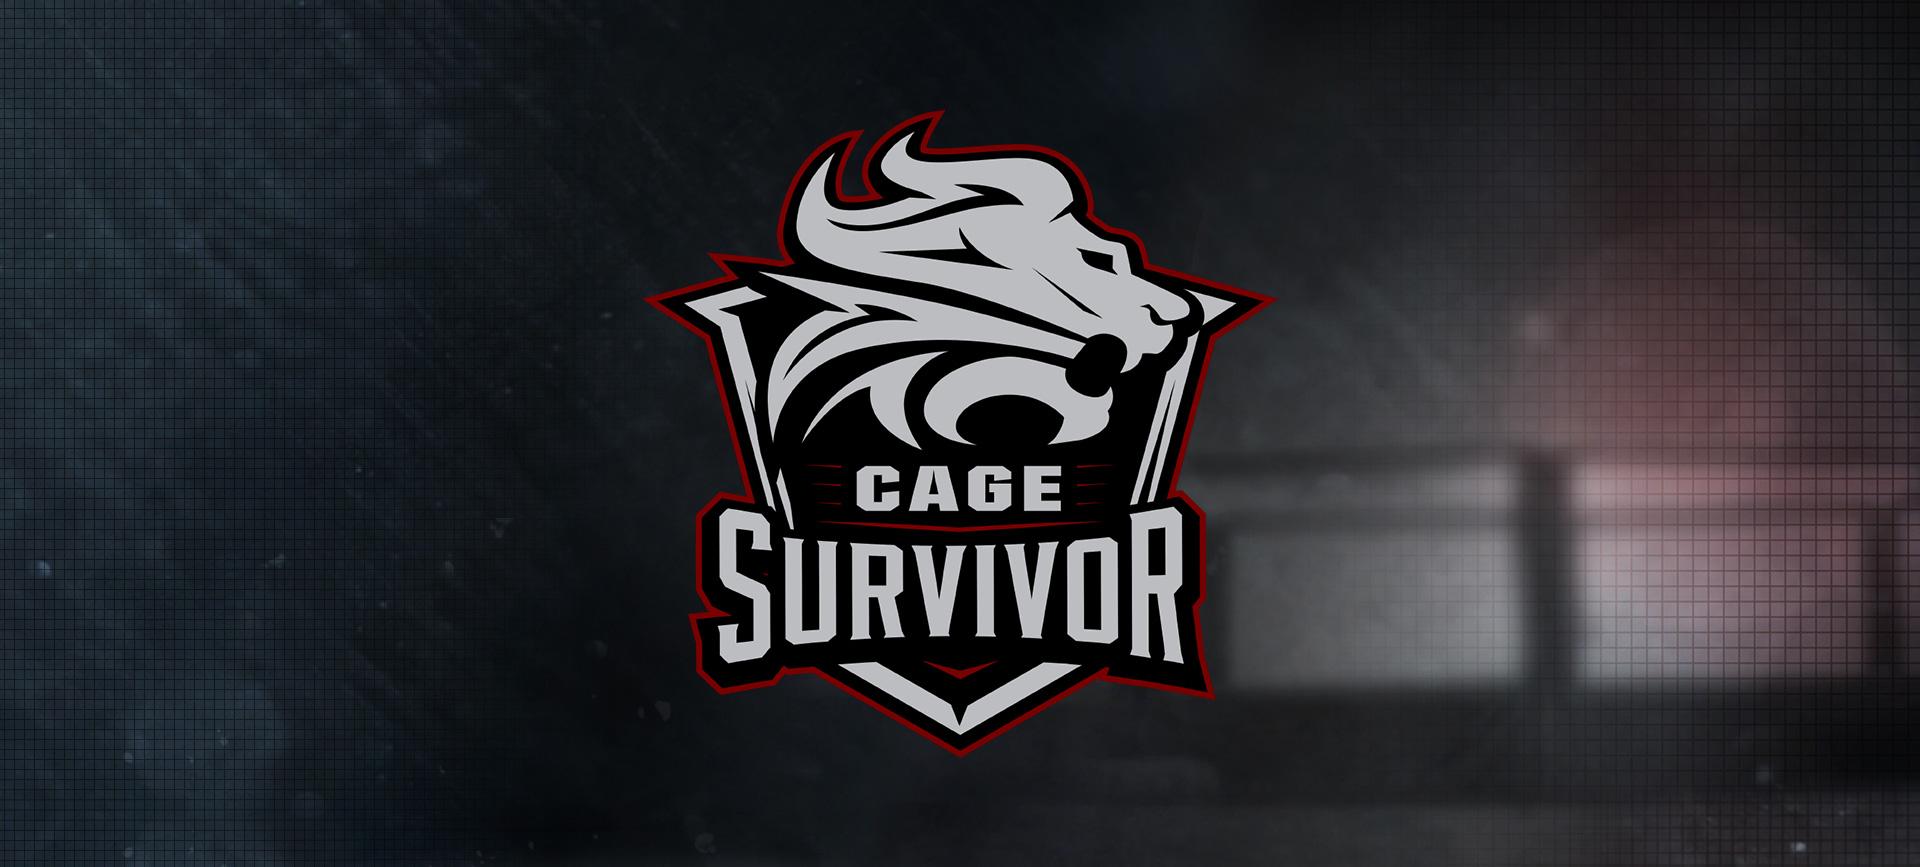 Cage Survivor